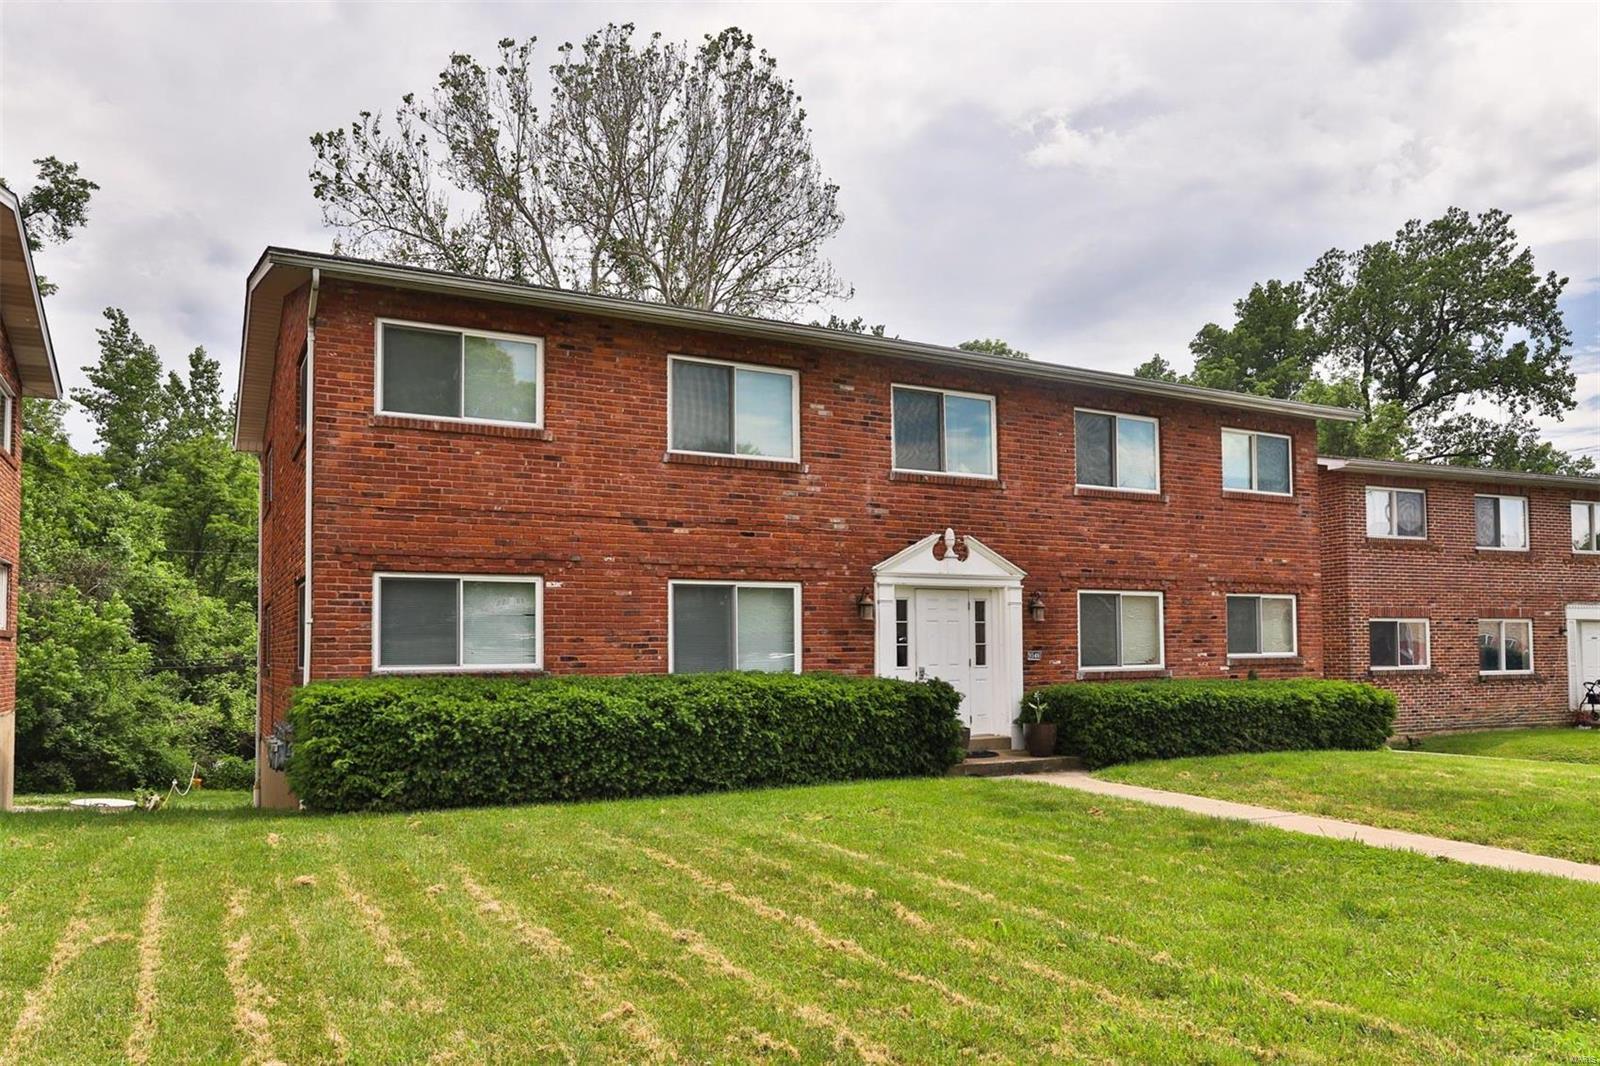 9546 Hyde Park Property Photo 1